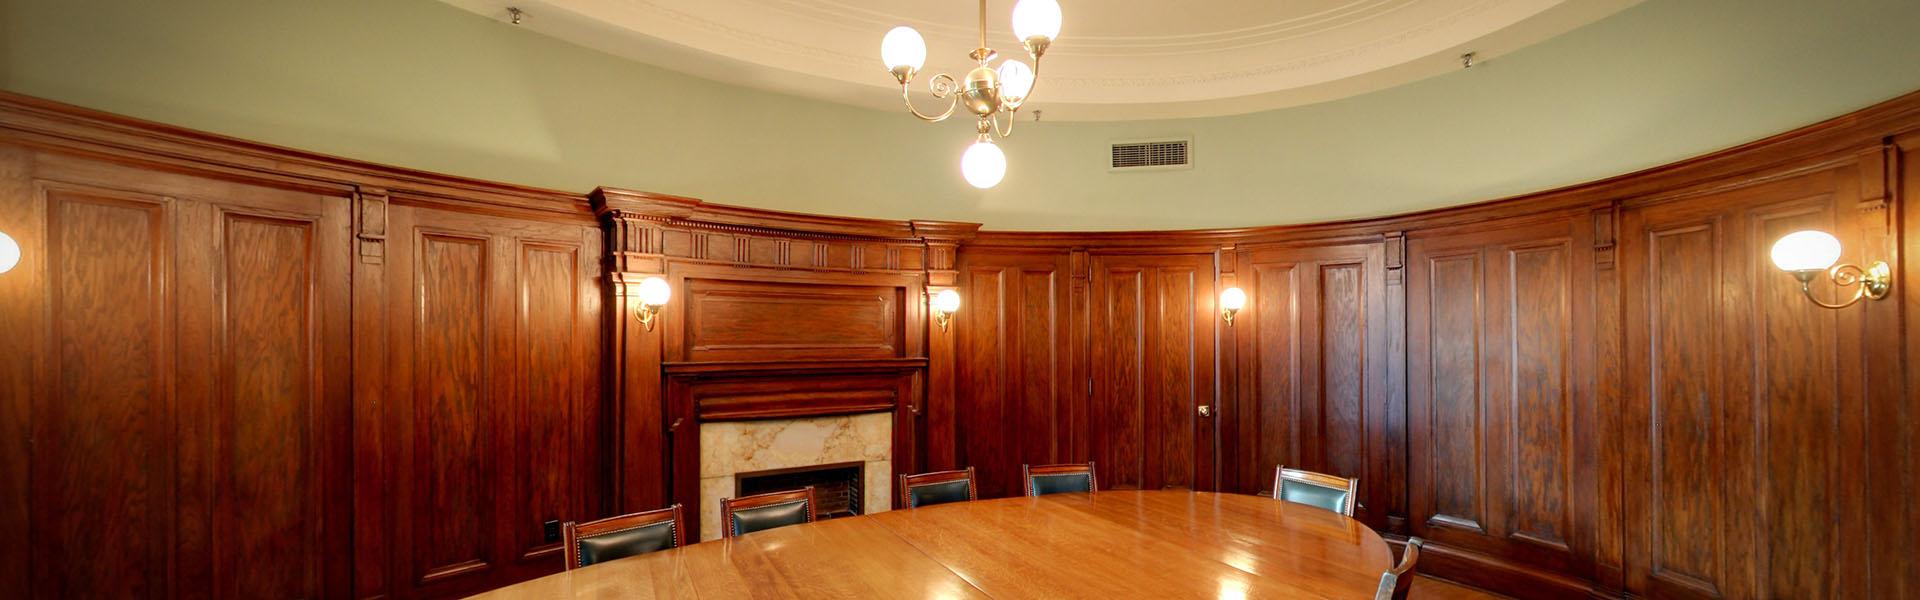 La salle du conseil ovale, Centre du patrimoine ontarien